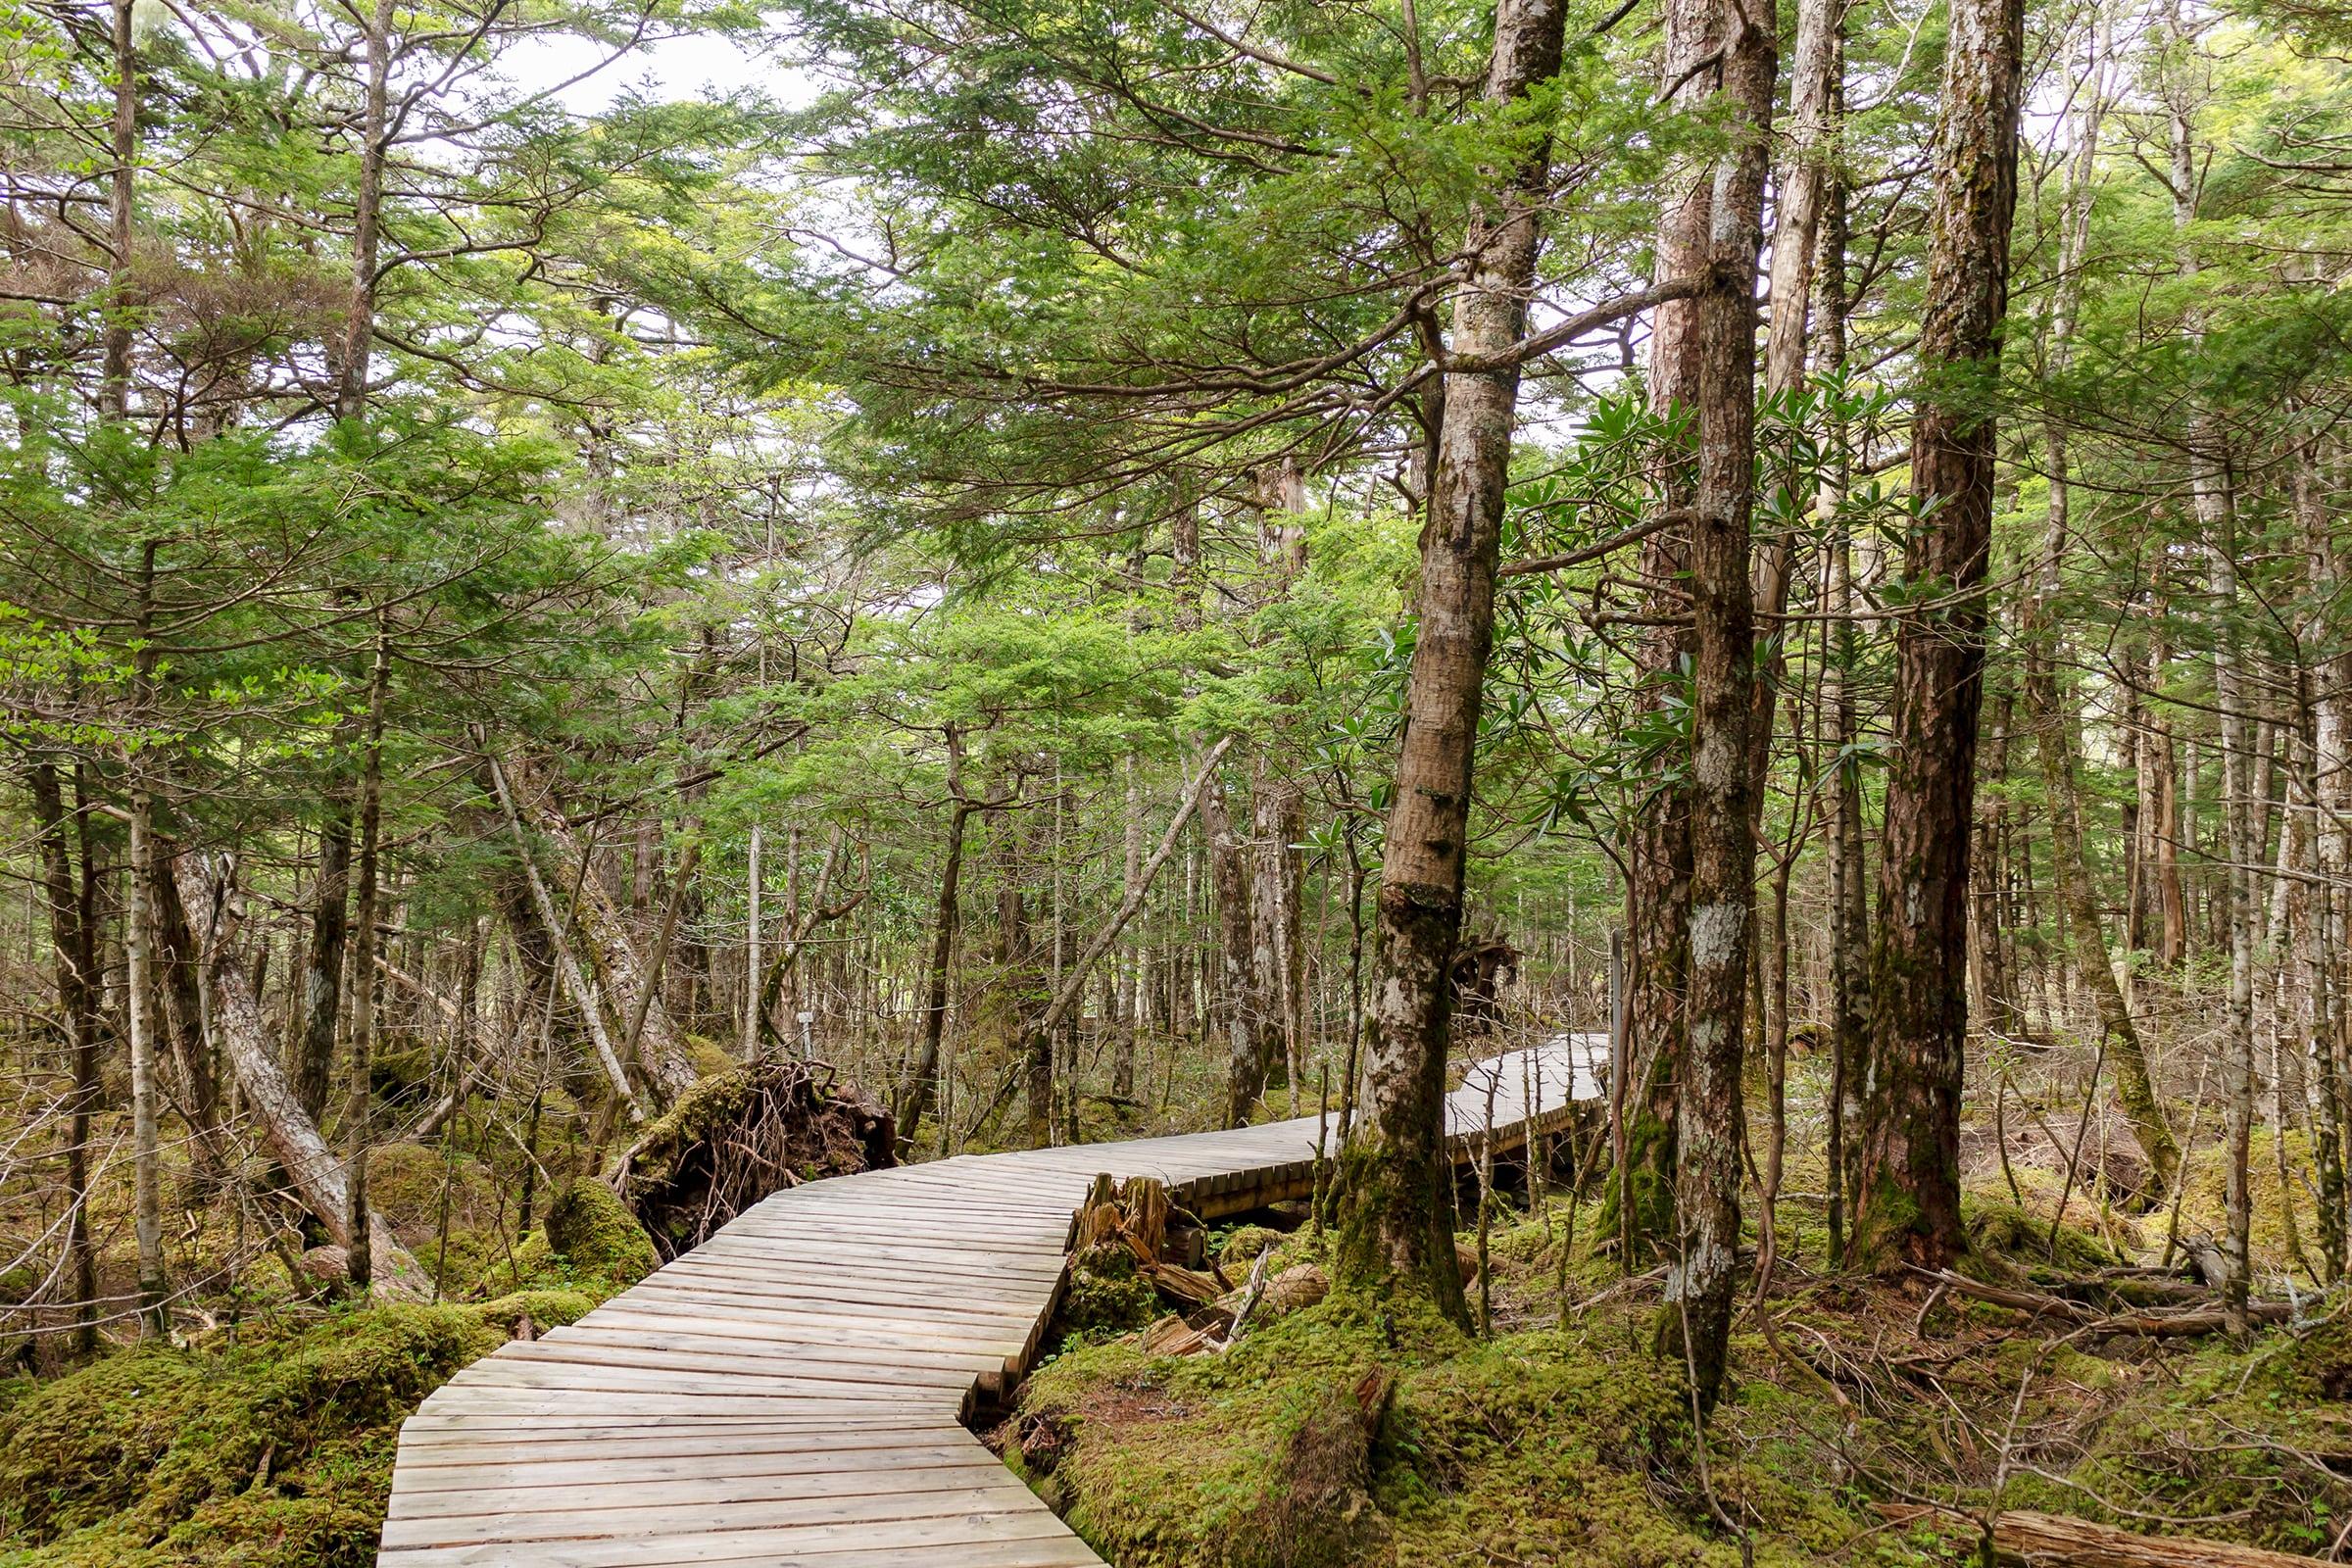 苔に覆われた原生林の中を進む遊歩道